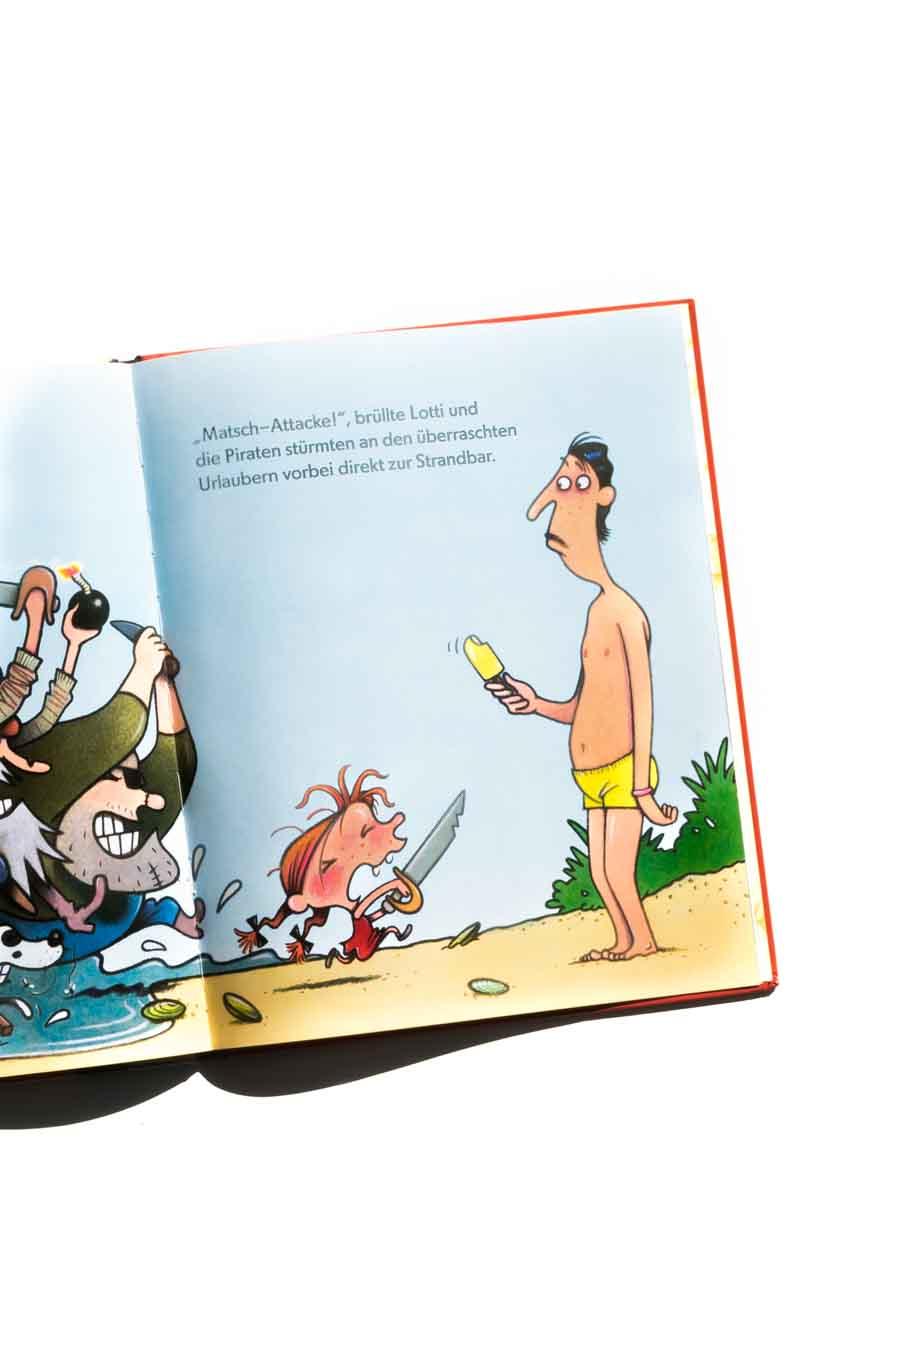 Piratenlotti von Karsten Teich. Bücher über starke Mädchen. Bilderbücher ohne Sexismus und Genderismus. Kinderbücher mit Feminismus und Gleichstellung. Blick ins Buch auf: www.chezmamapoule.com